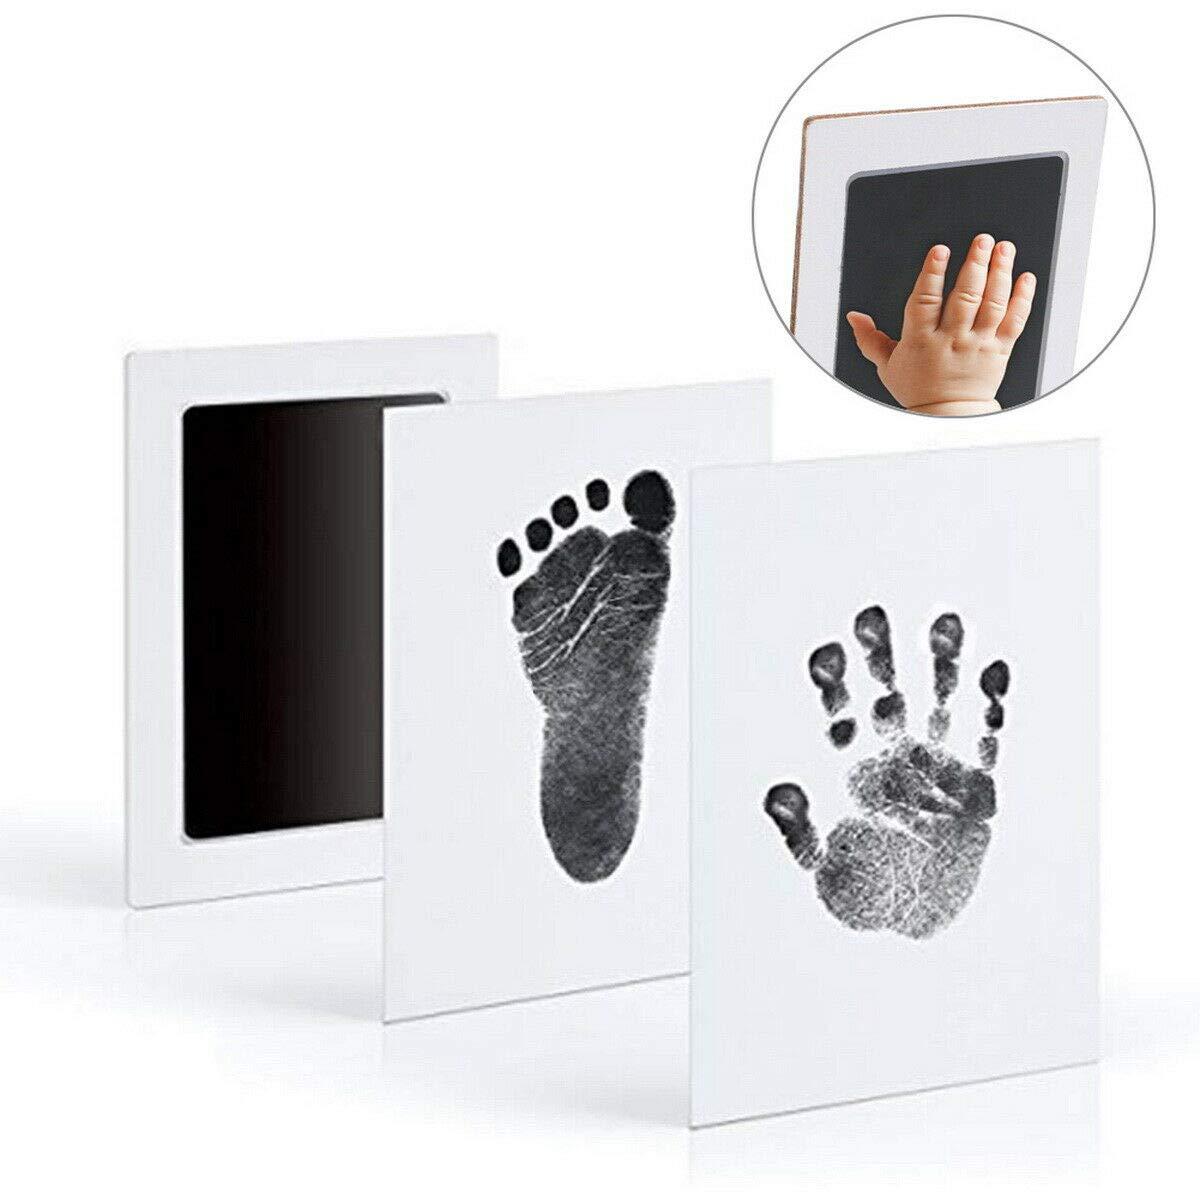 Baby Handabdruck und Fu/ßabdruck Set Baby Andenken,Handabdruck und Fu/ßabdruck Ungiftig Inkless f/ür Neugeborene 0-6 Monate M/ädchen und Jungen schwarz, 2.1inch*3.7inch